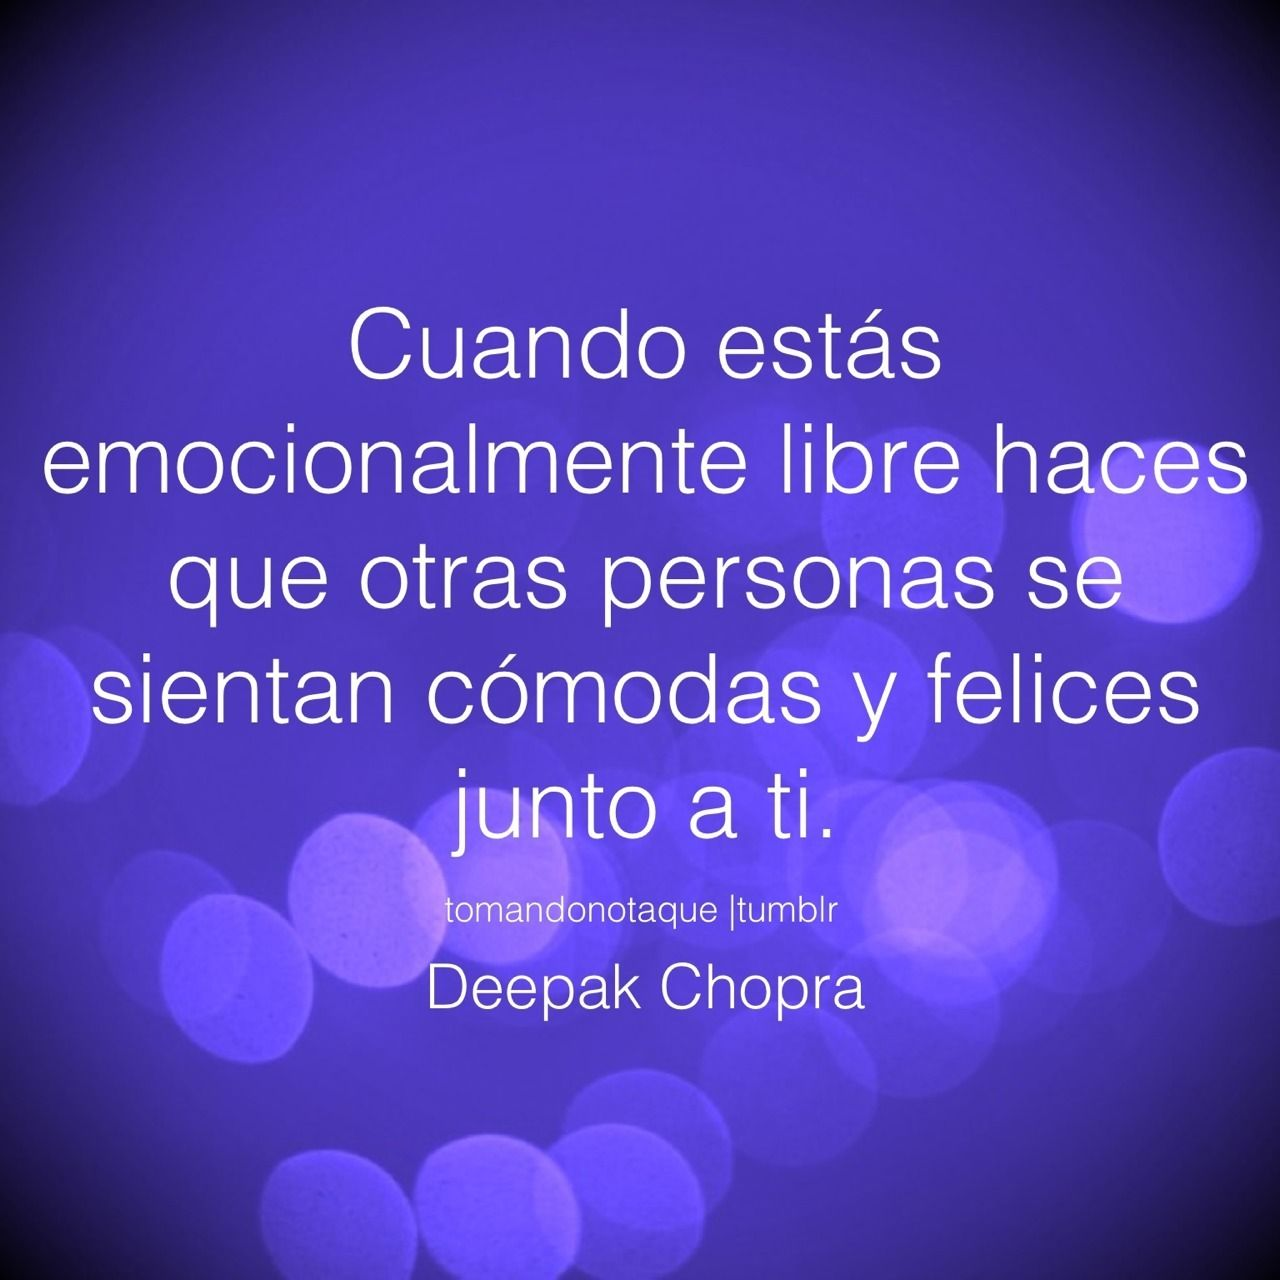 Frases De Vida Deepak Chopra Frases De La Vida Frases Y